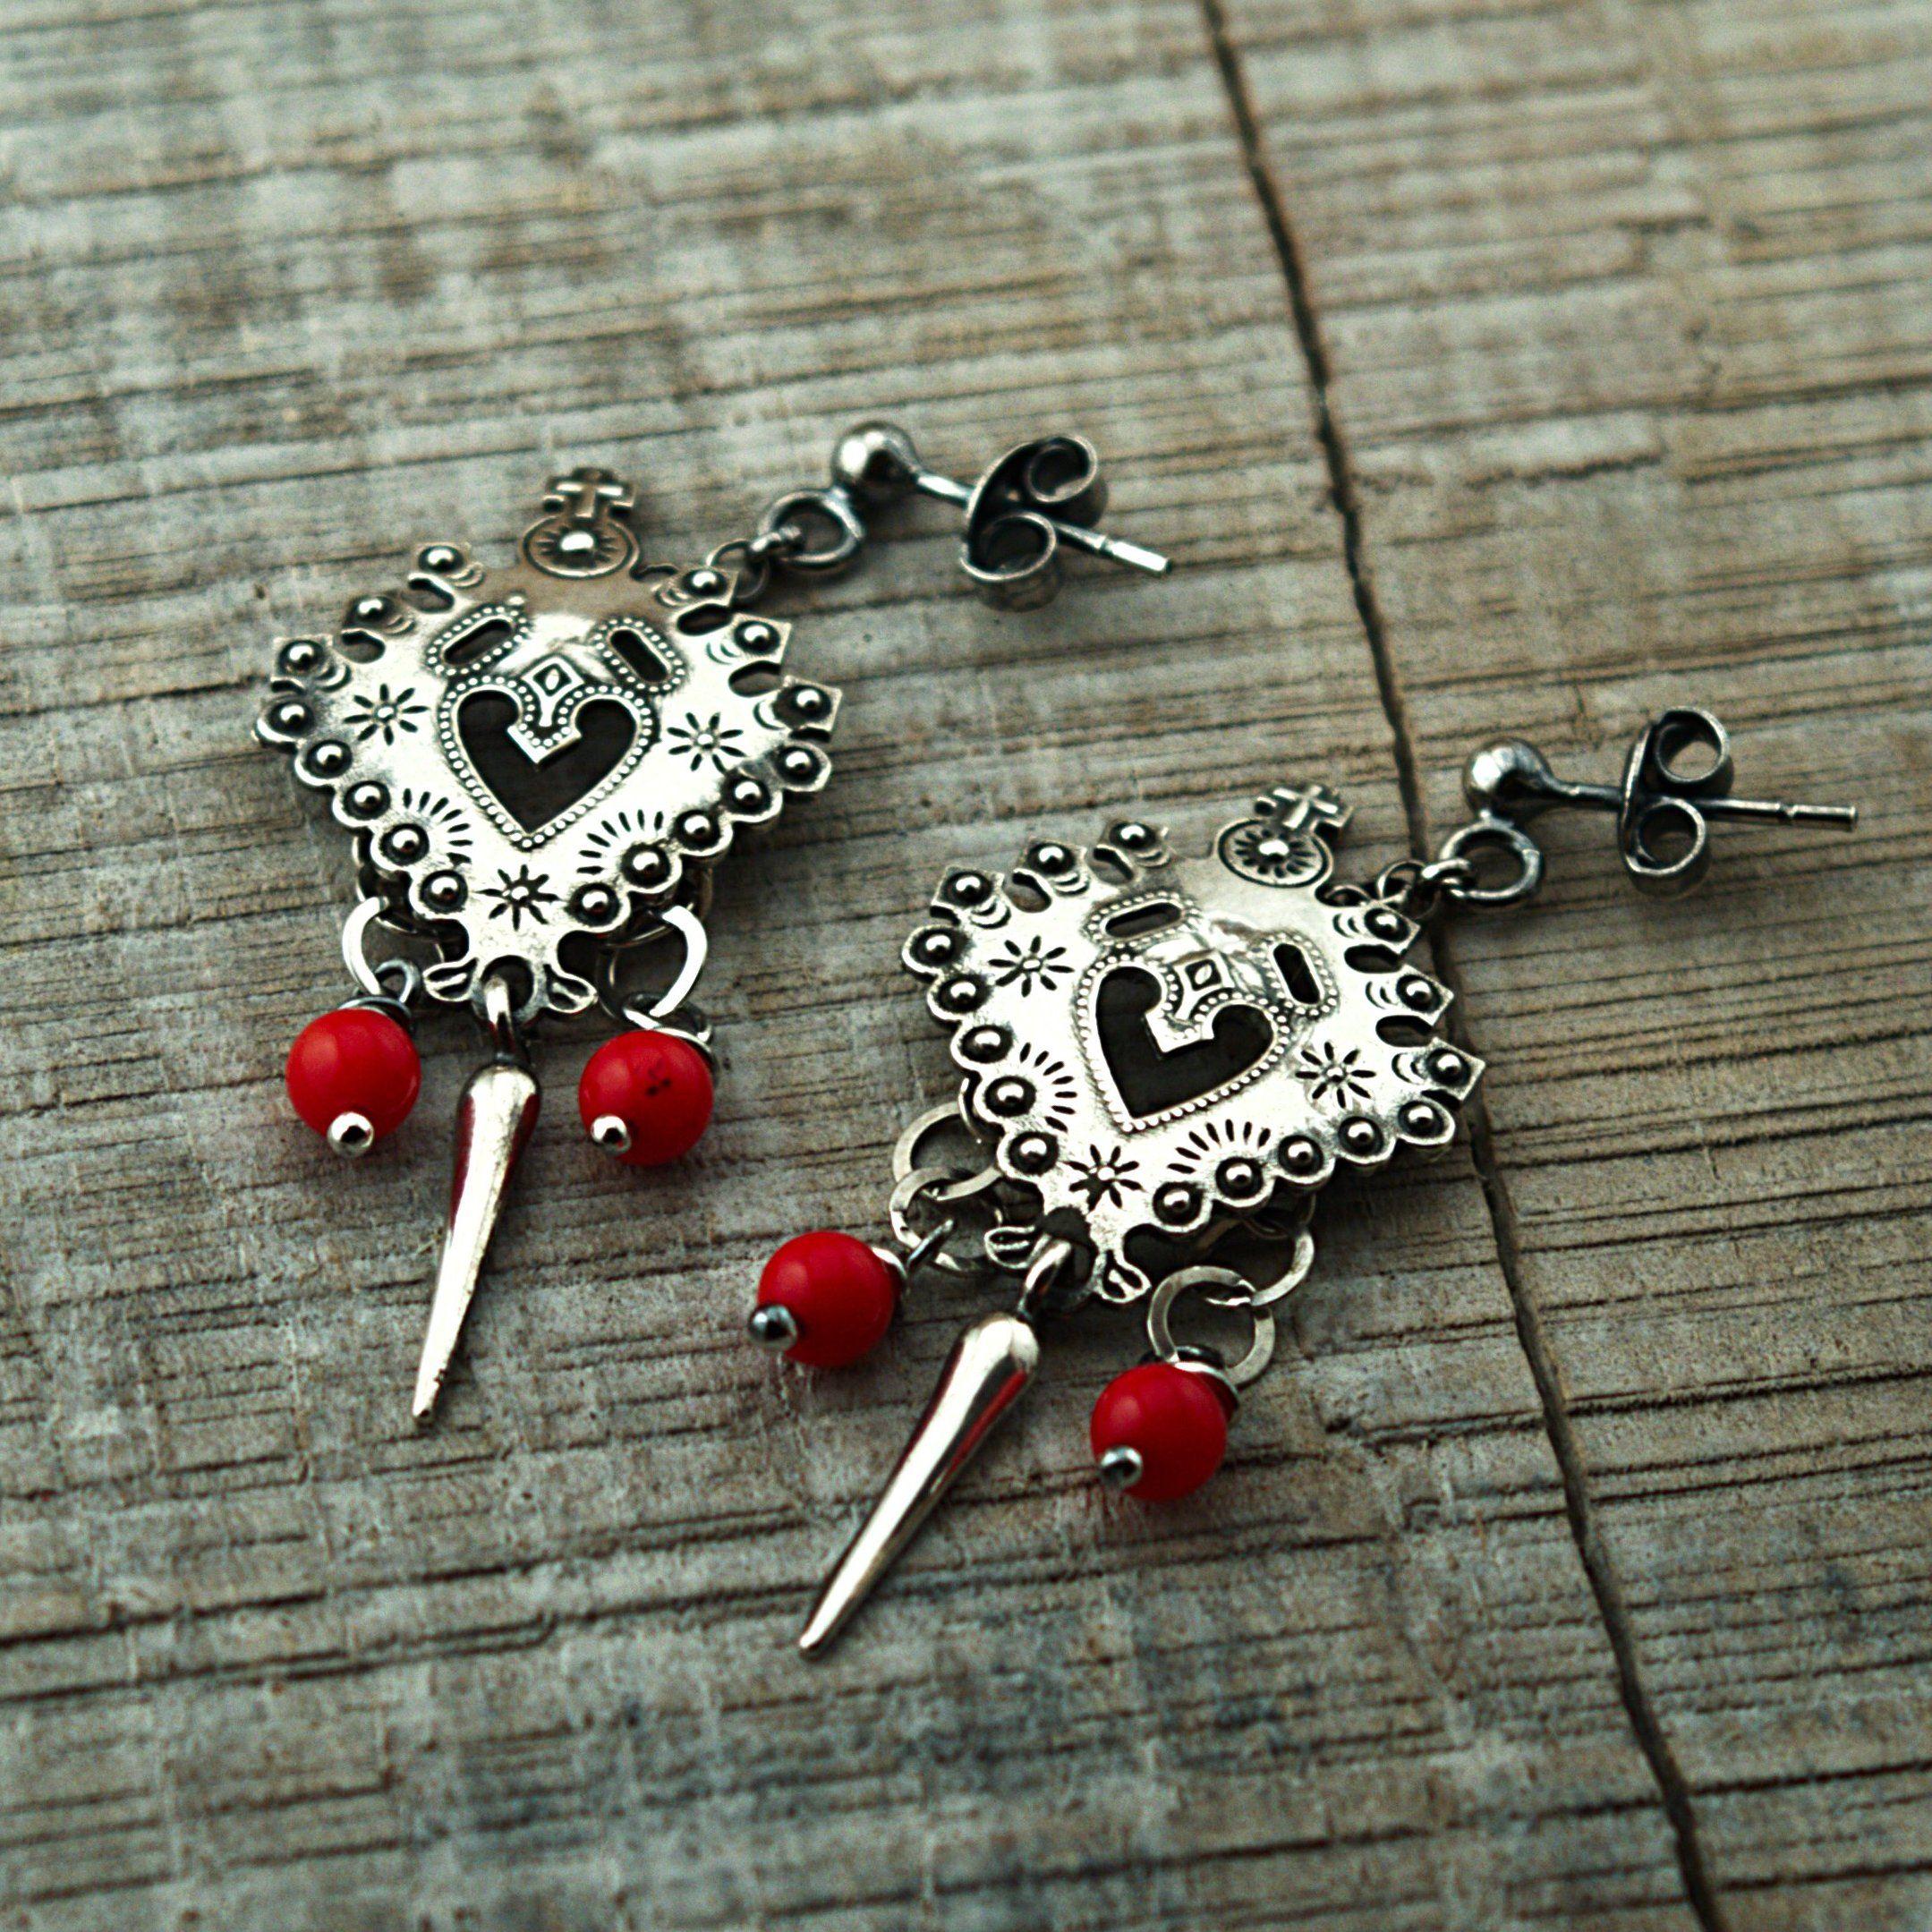 Kolczyki Parzenice Z Koralem Baziunowa Izba 4837722120 Oficjalne Archiwum Allegro Belly Button Rings Charm Bracelet Jewelry